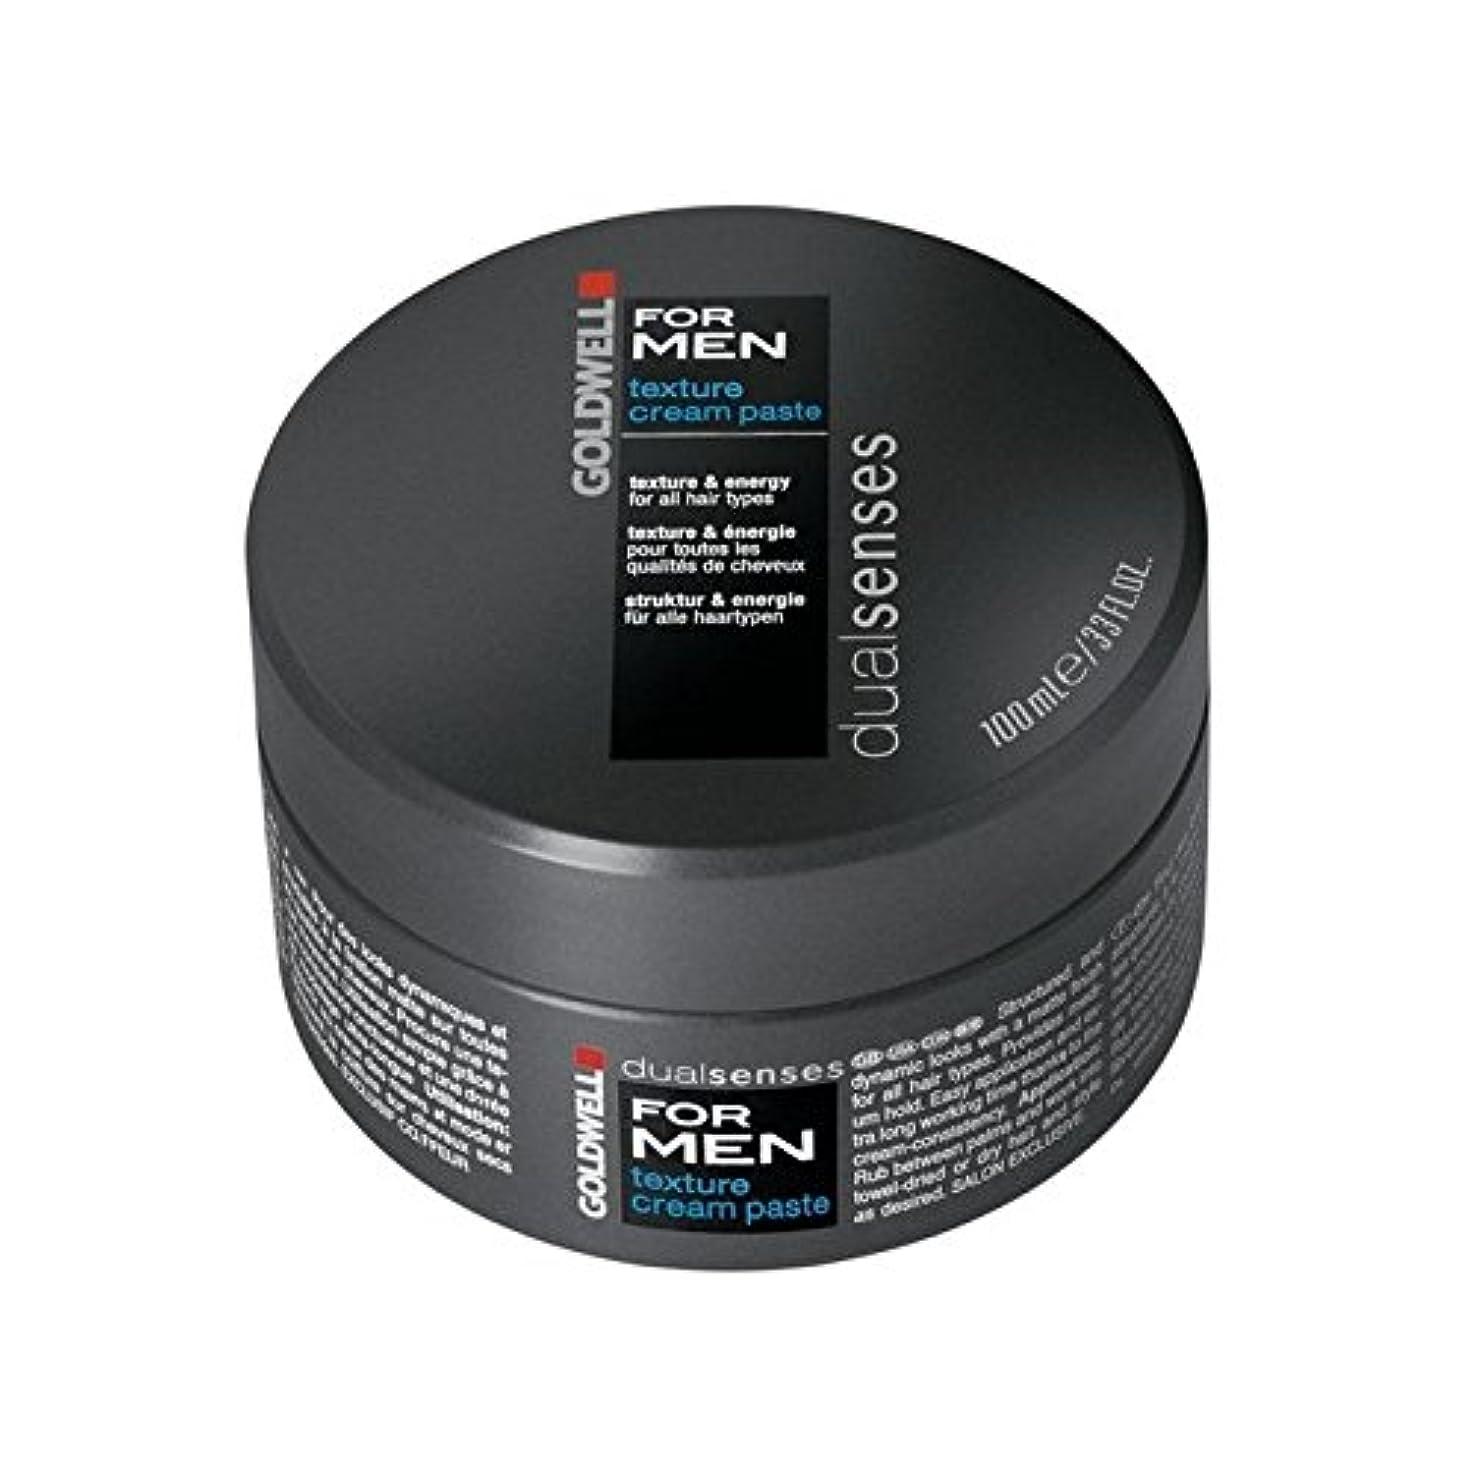 浮く何故なの多様体Goldwell Dualsenses For Men Texture Cream Paste (100ml) - 男性のテクスチャーのクリームペースト(100ミリリットル)のためのの [並行輸入品]